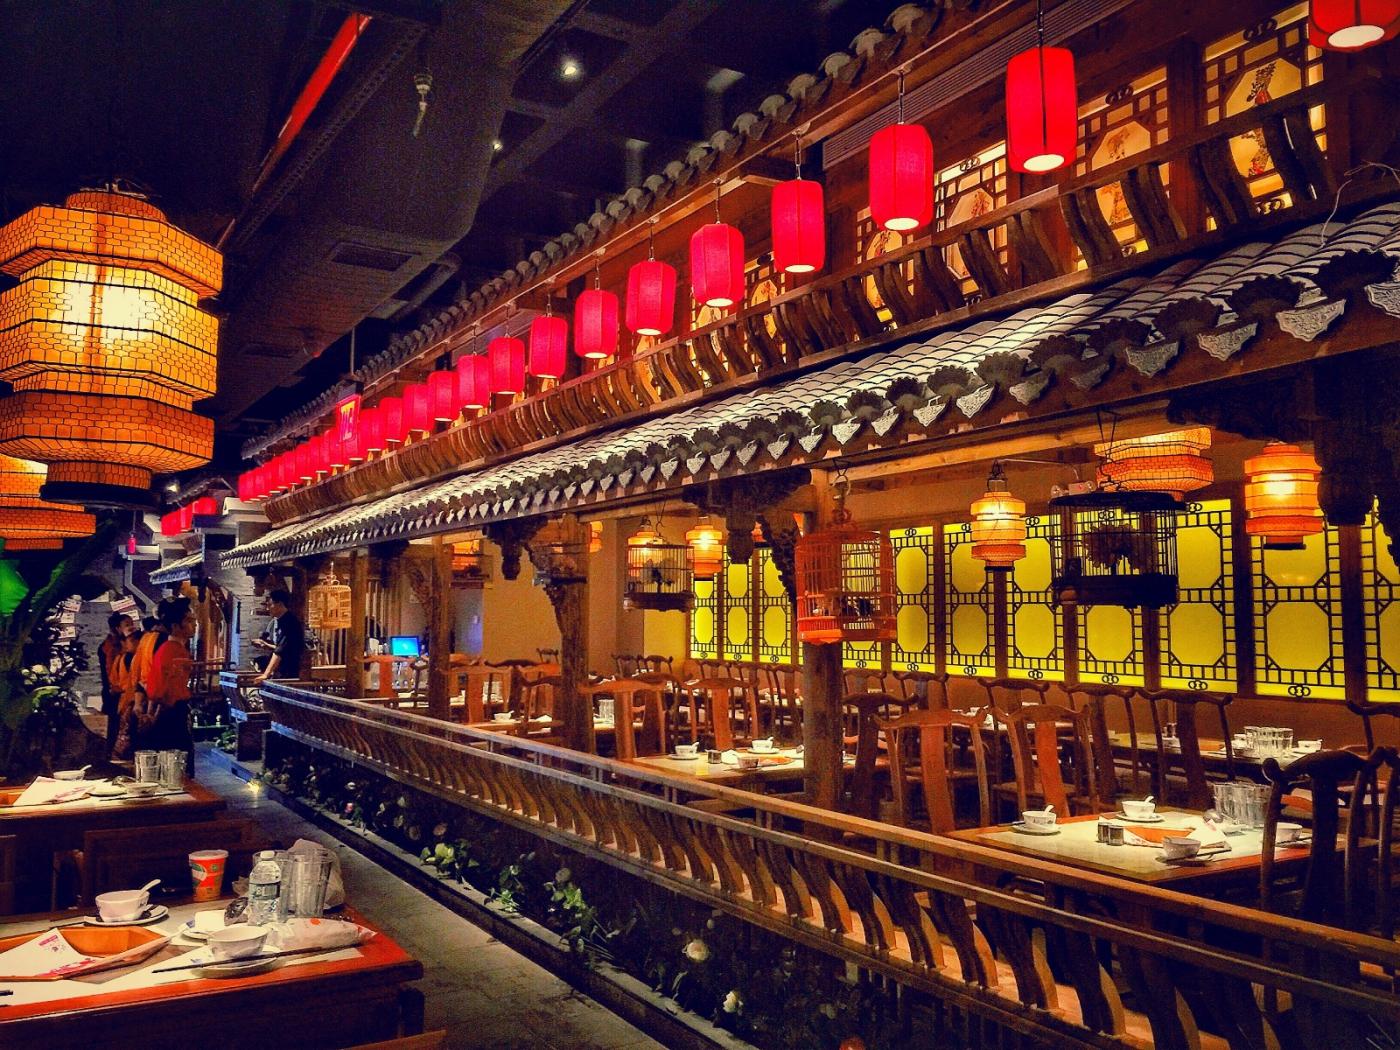 【盲流摄影】纽约法拉盛的中餐馆品味在提升-手机摄影_图1-11